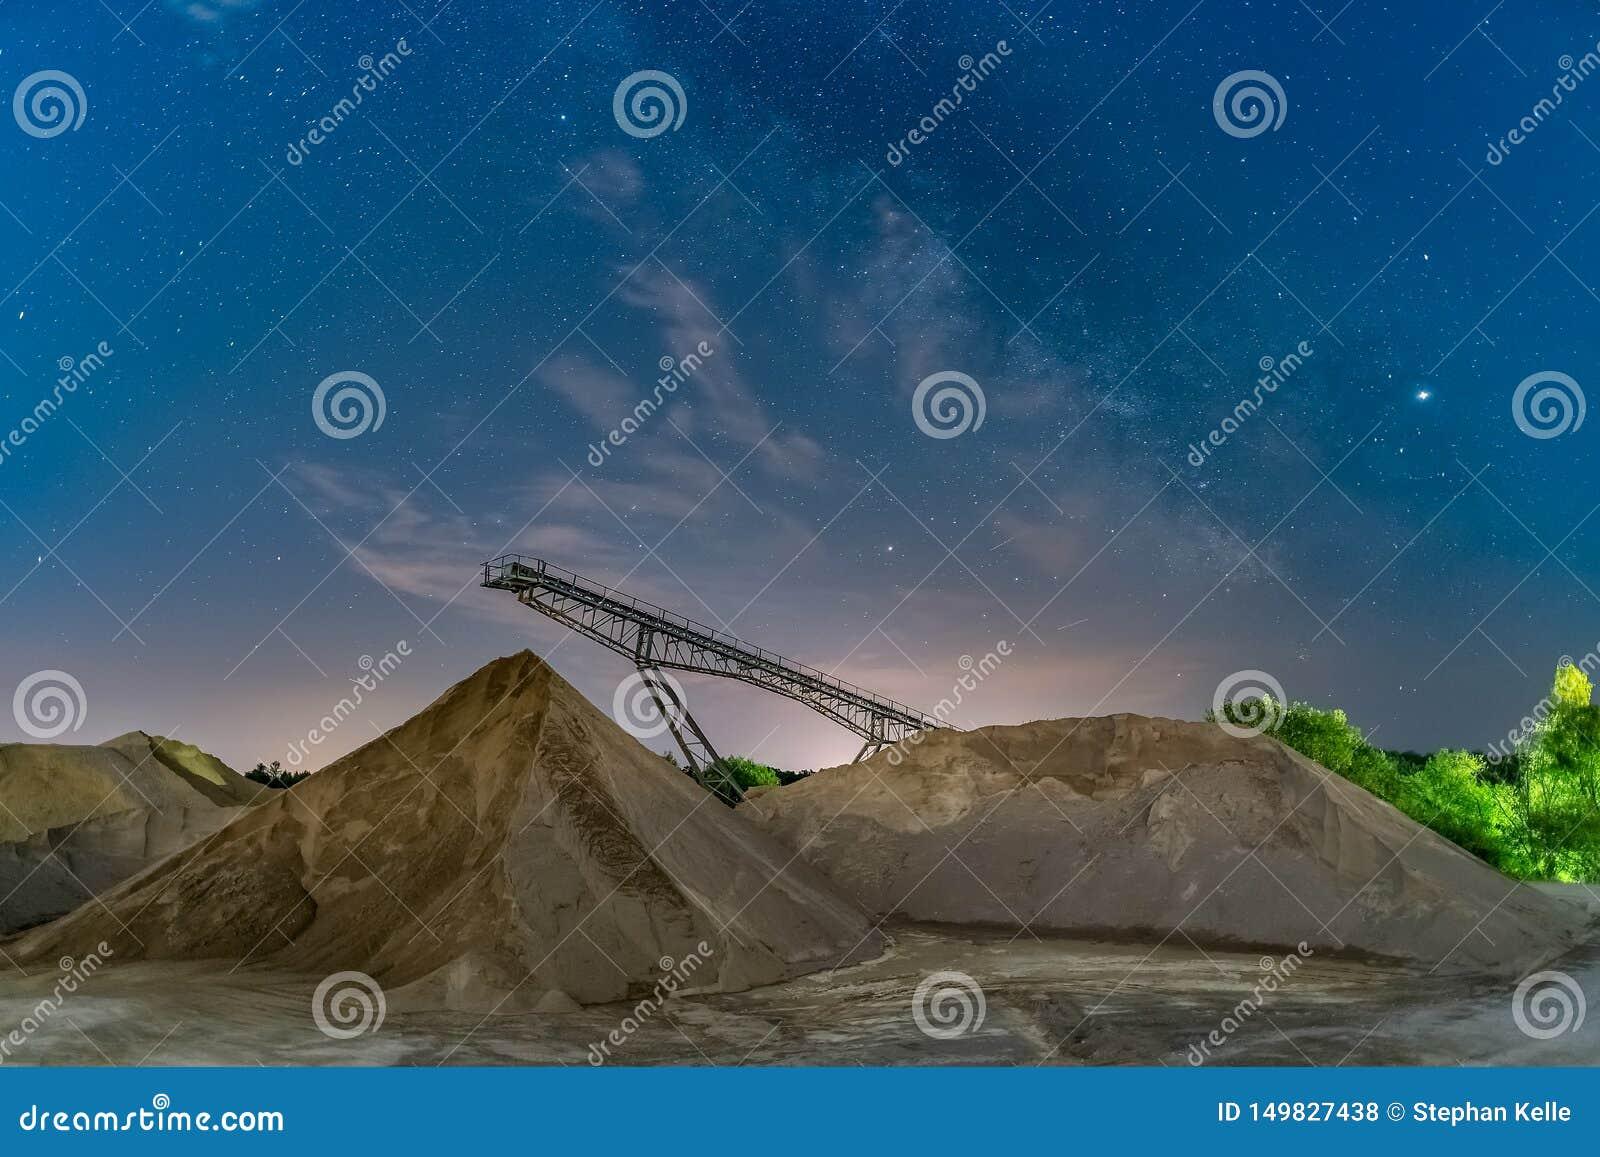 Milkyway over een transportbandbrug - longexposure nightshot